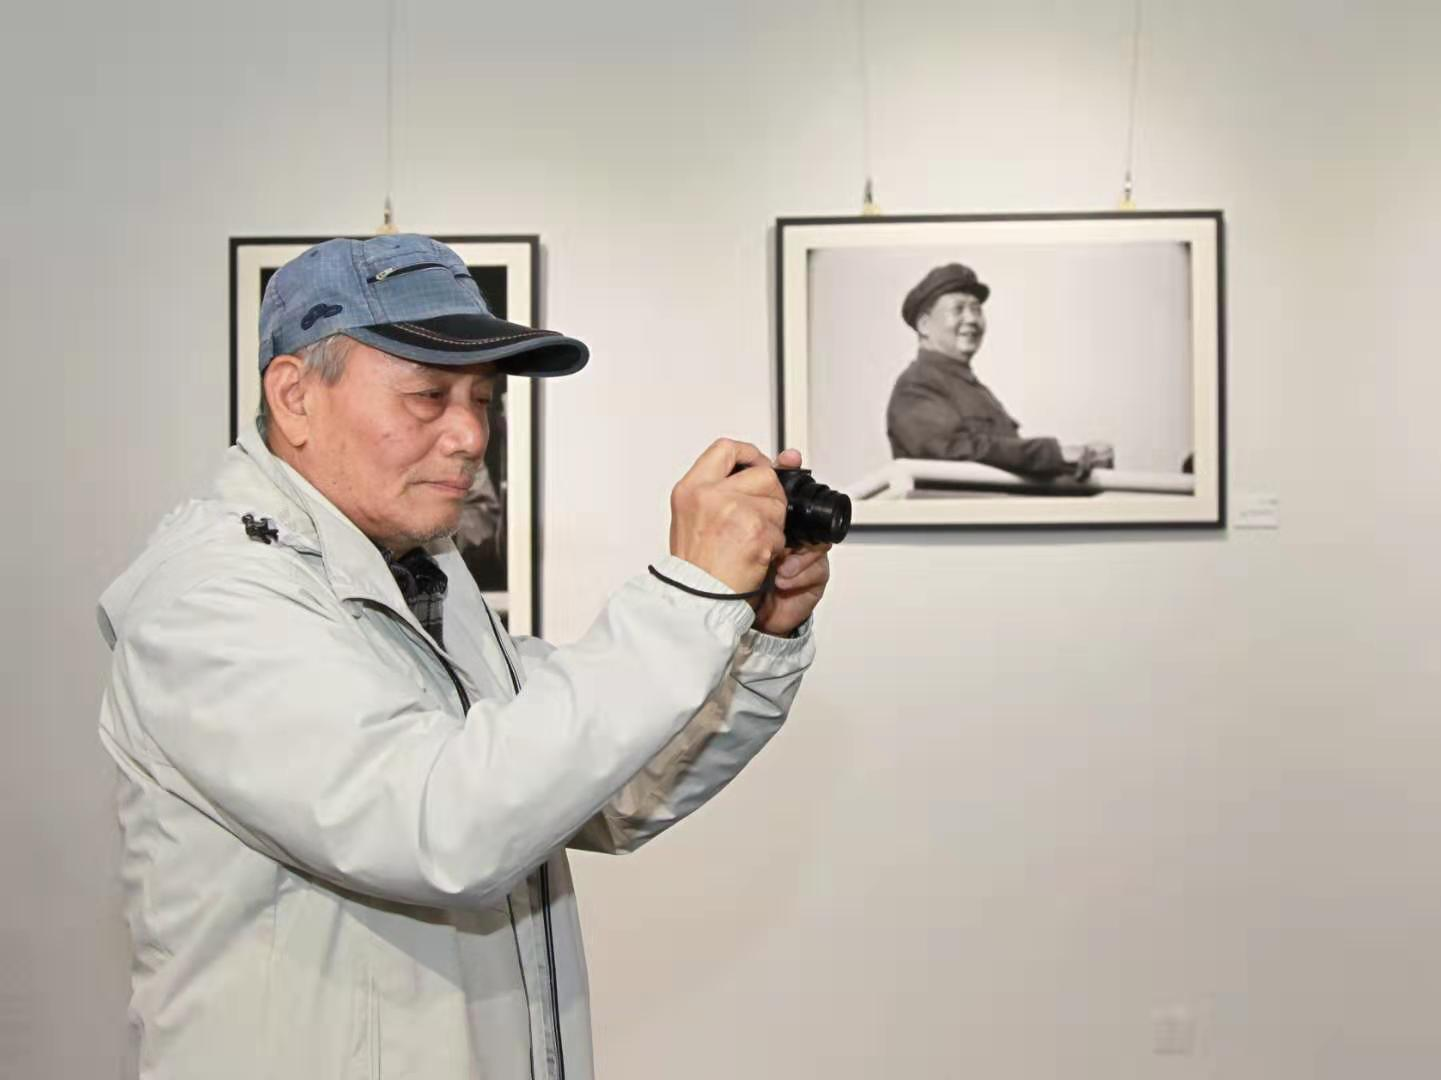 人民日报高级编辑、中国新闻摄影学会学术部副主任、视觉中国内容运营部高级顾问许林